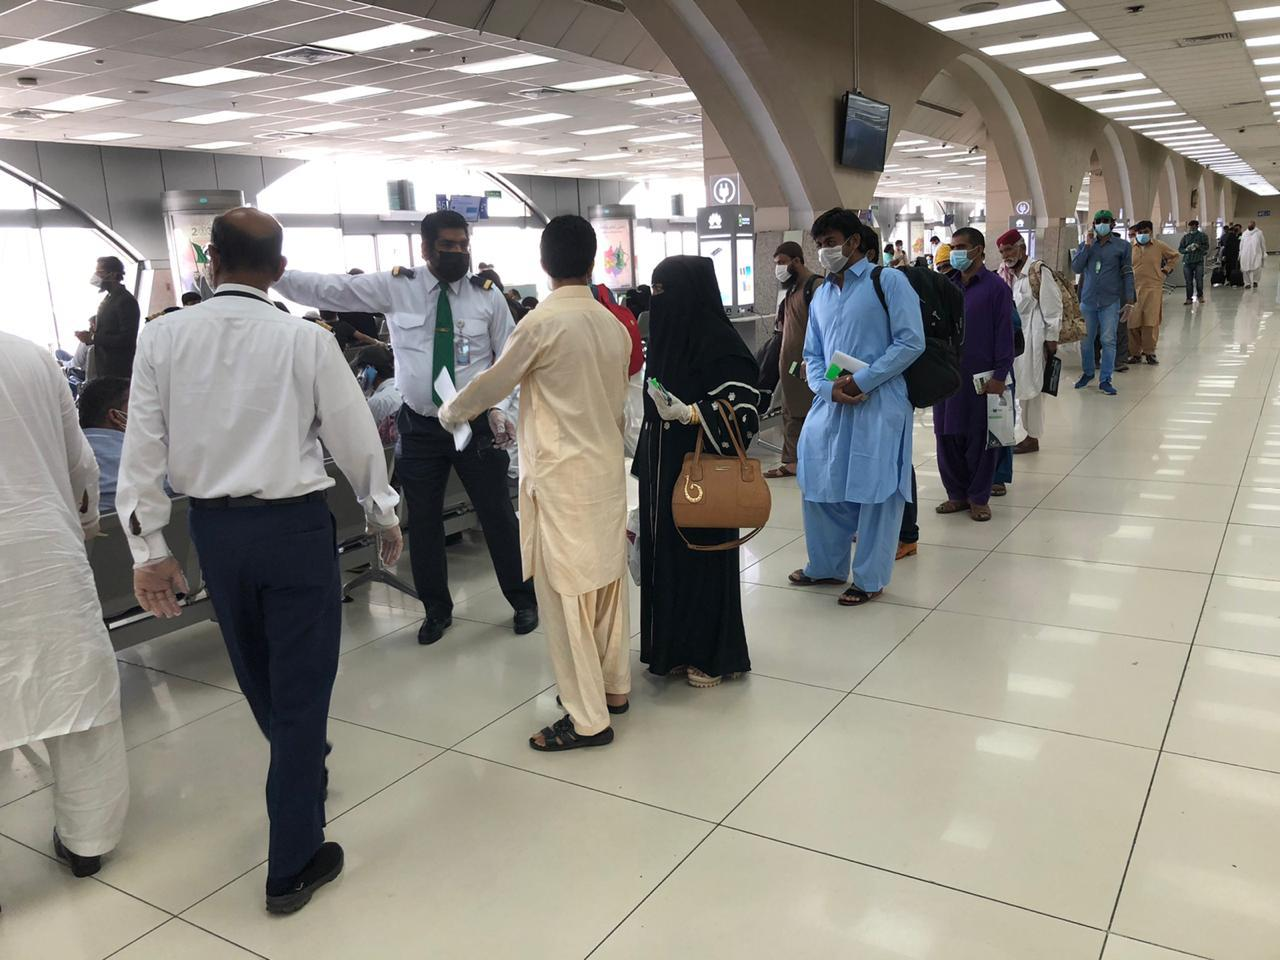 جدہ سے 250 پاکستانی کراچی روانہ